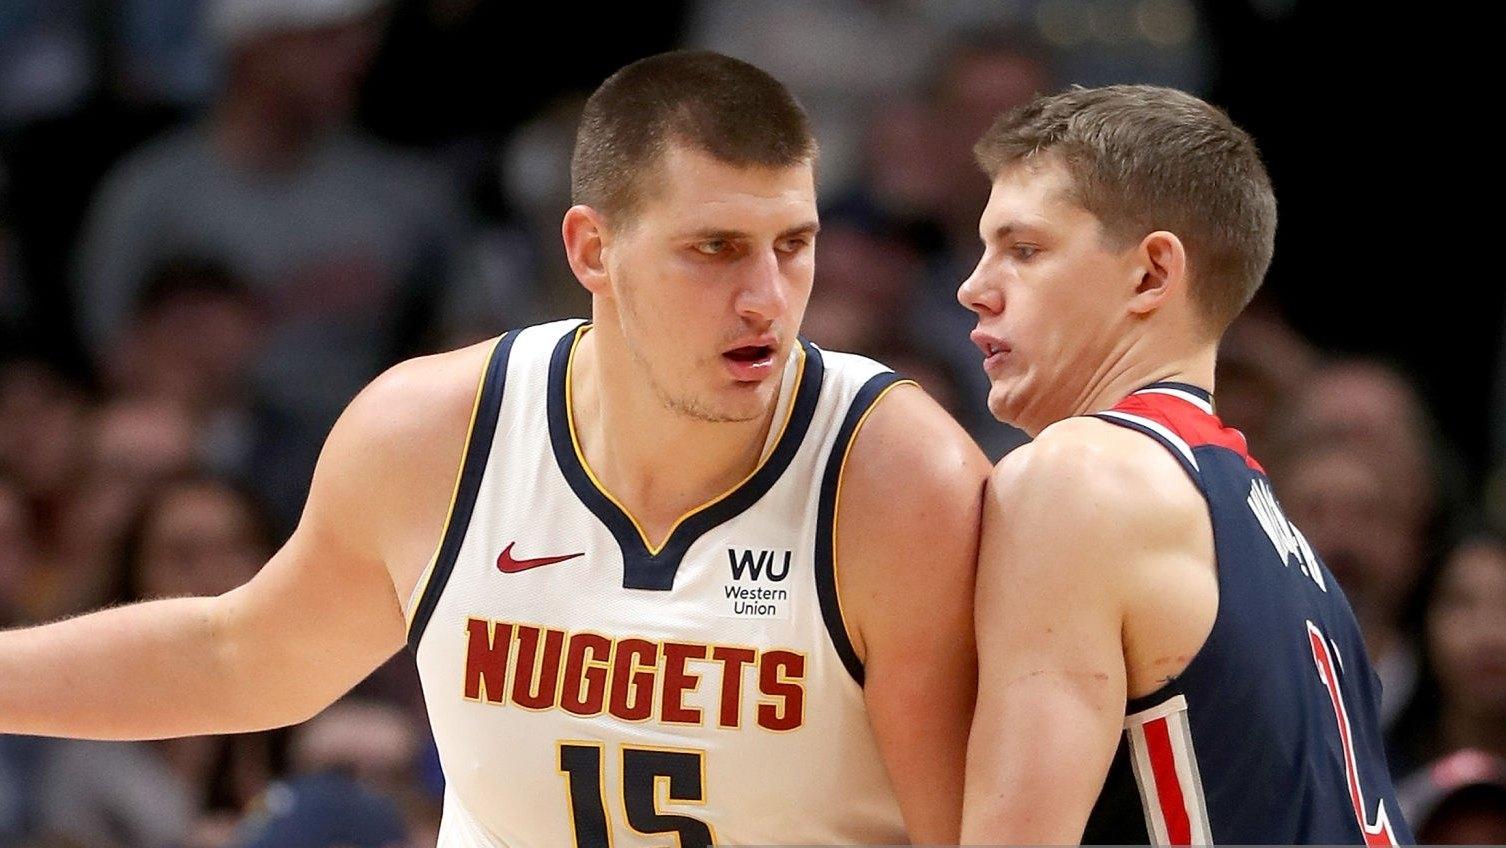 【扣篮】穆雷一把断走托马斯的球 无情反击暴扣教做人_NBA全场集锦